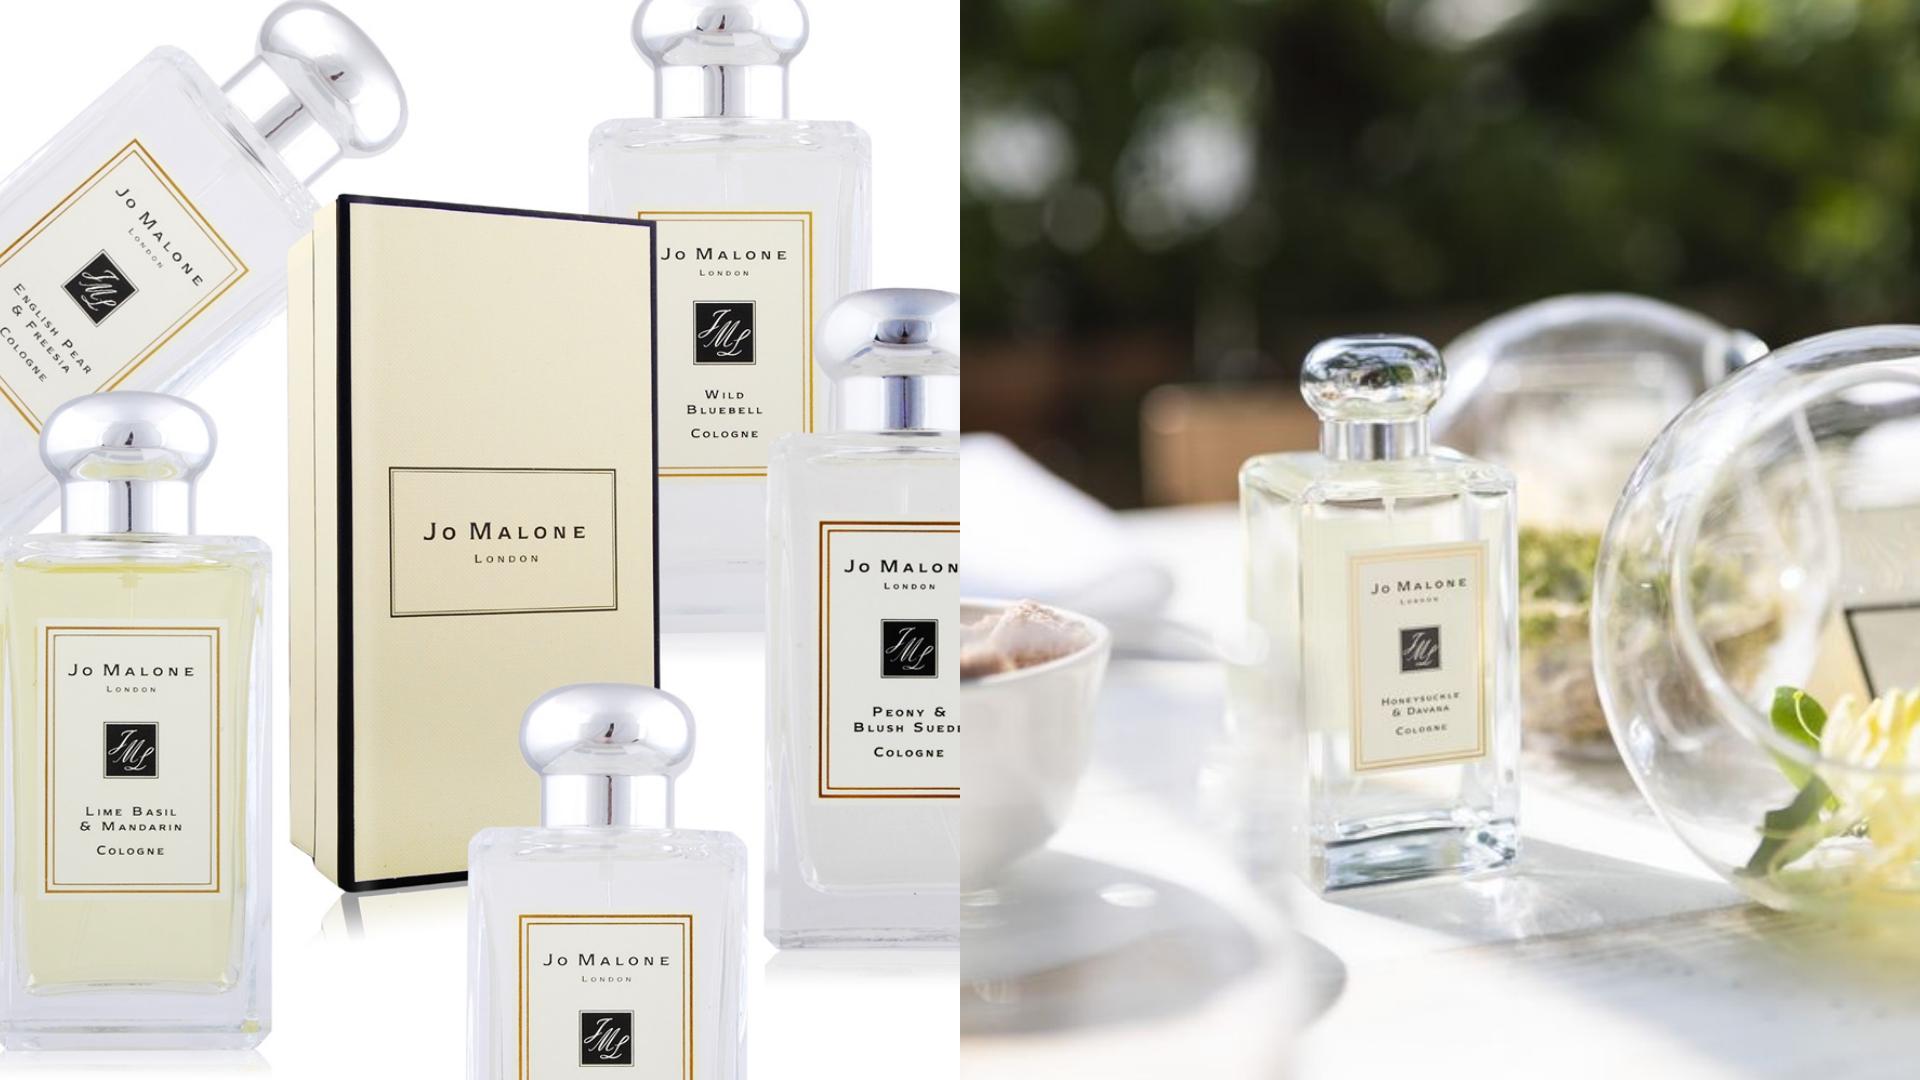 經典時尚的包裝設計,搭配超豐富的味道可以選擇,像是夏天就很適合經典的「英國梨與小蒼蘭」,或是聞起來很清爽的「鼠尾草與海鹽」